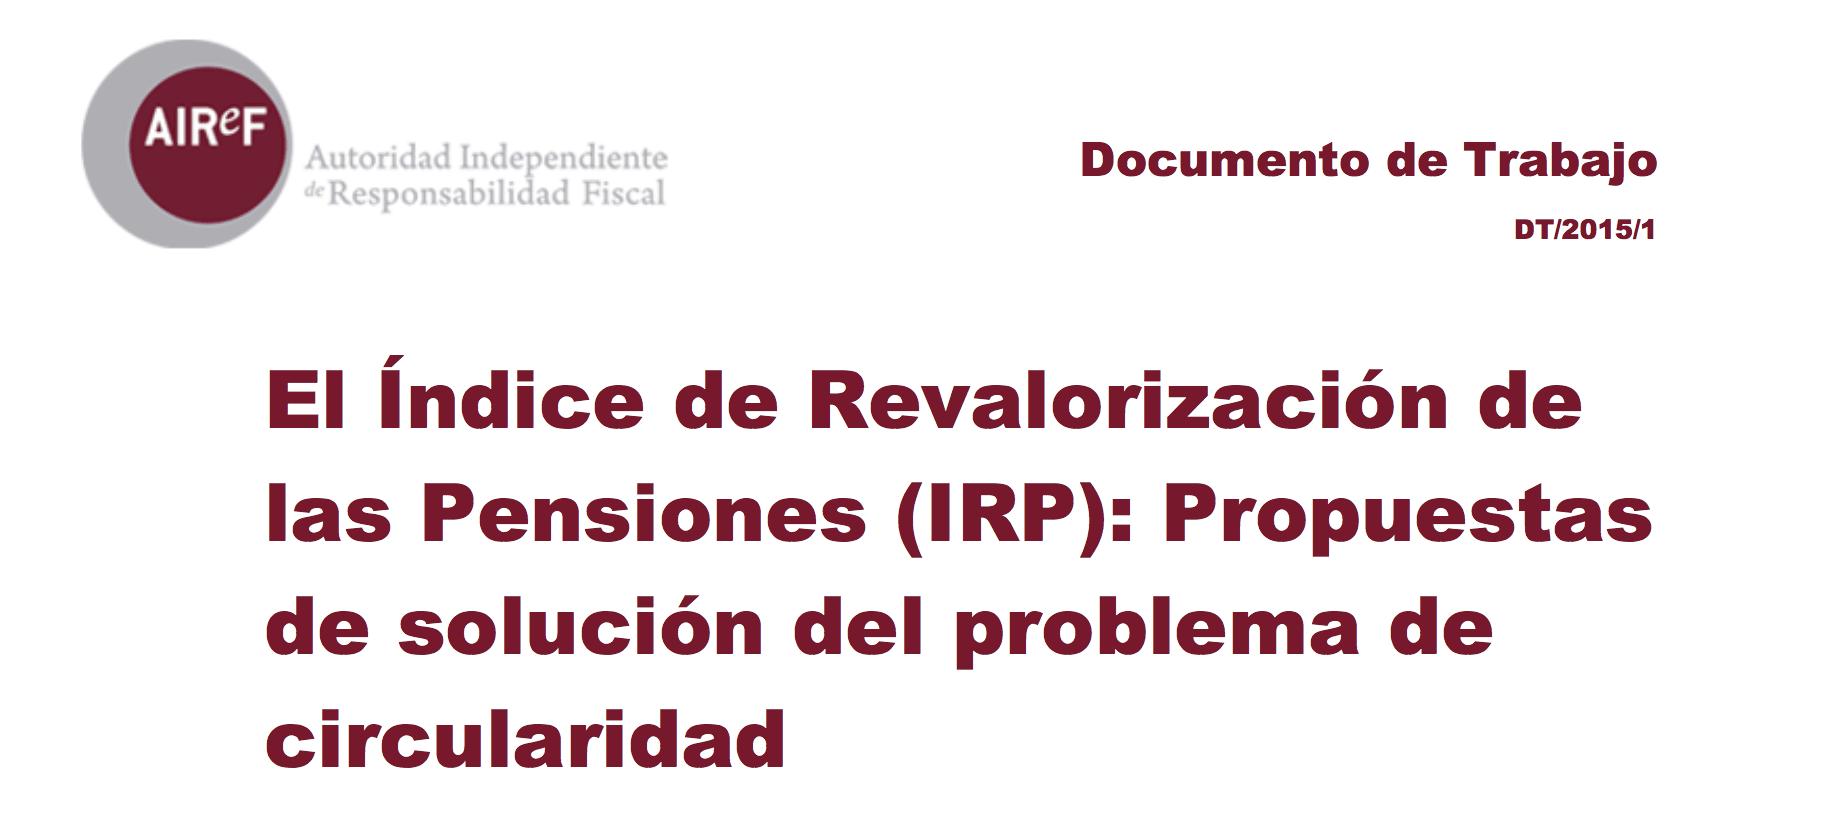 El índice de revalorización de las pensiones (IRP)